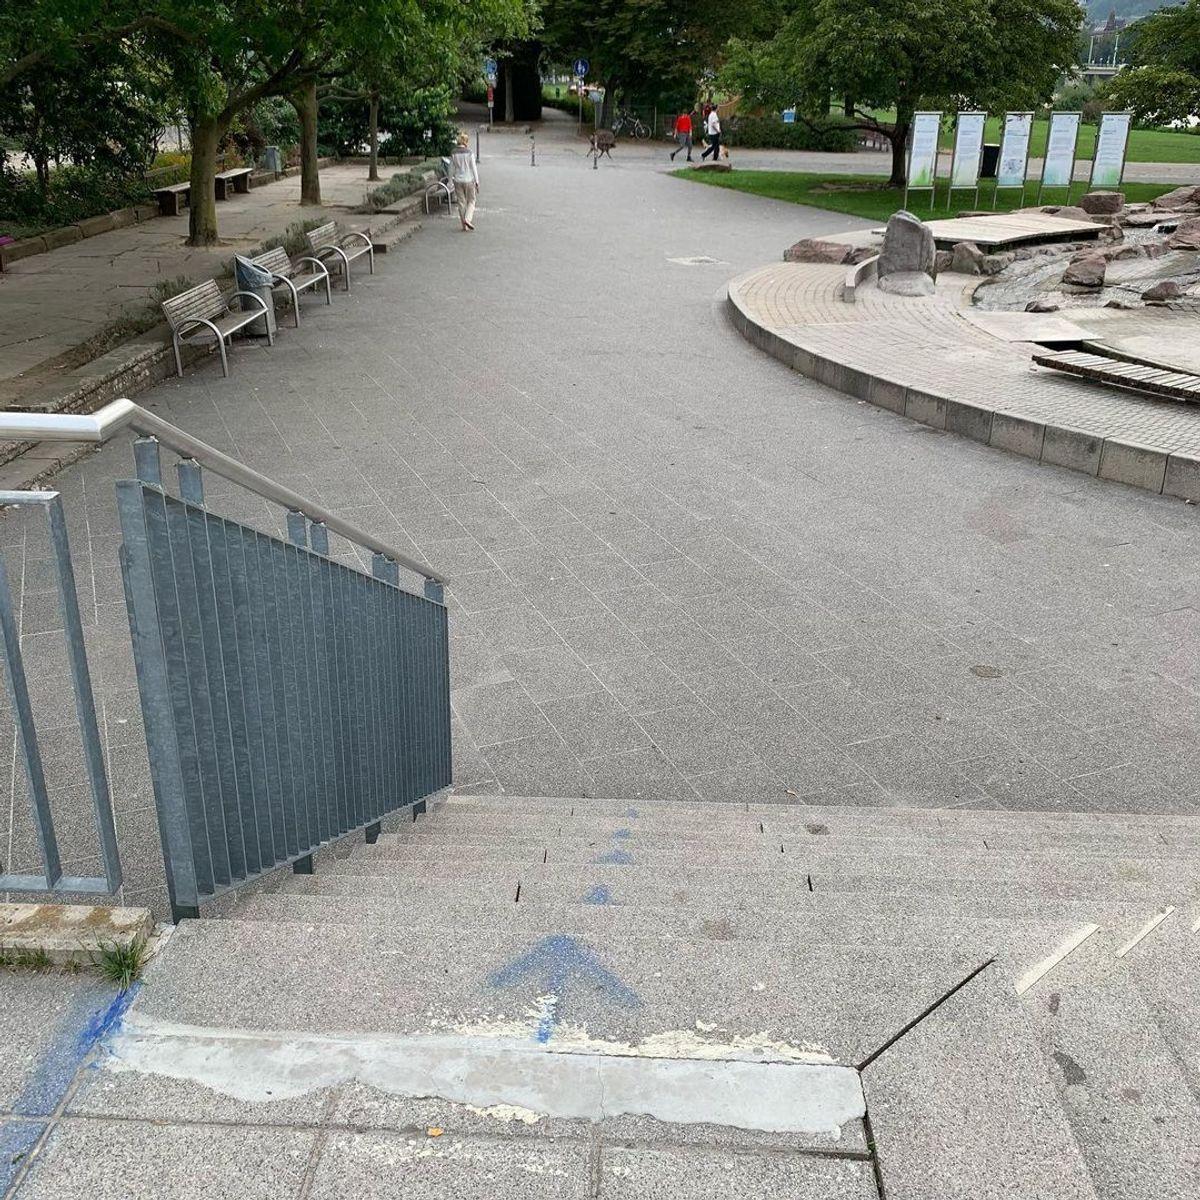 Image for skate spot ku17 - 10 Stair Rail